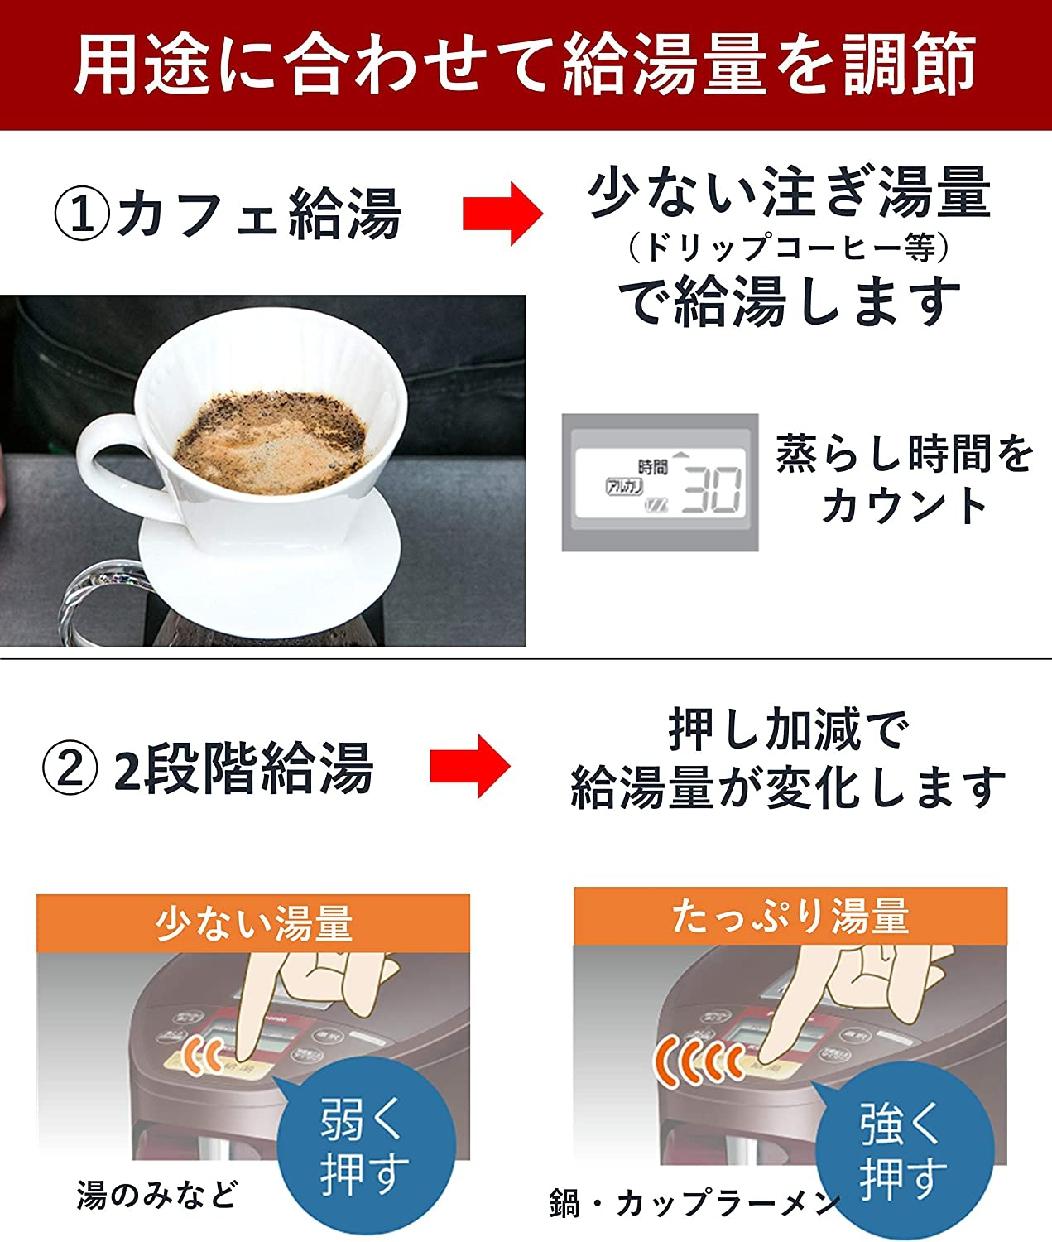 Panasonic(パナソニック)マイコン沸騰ジャーポット NC-HU304の商品画像4